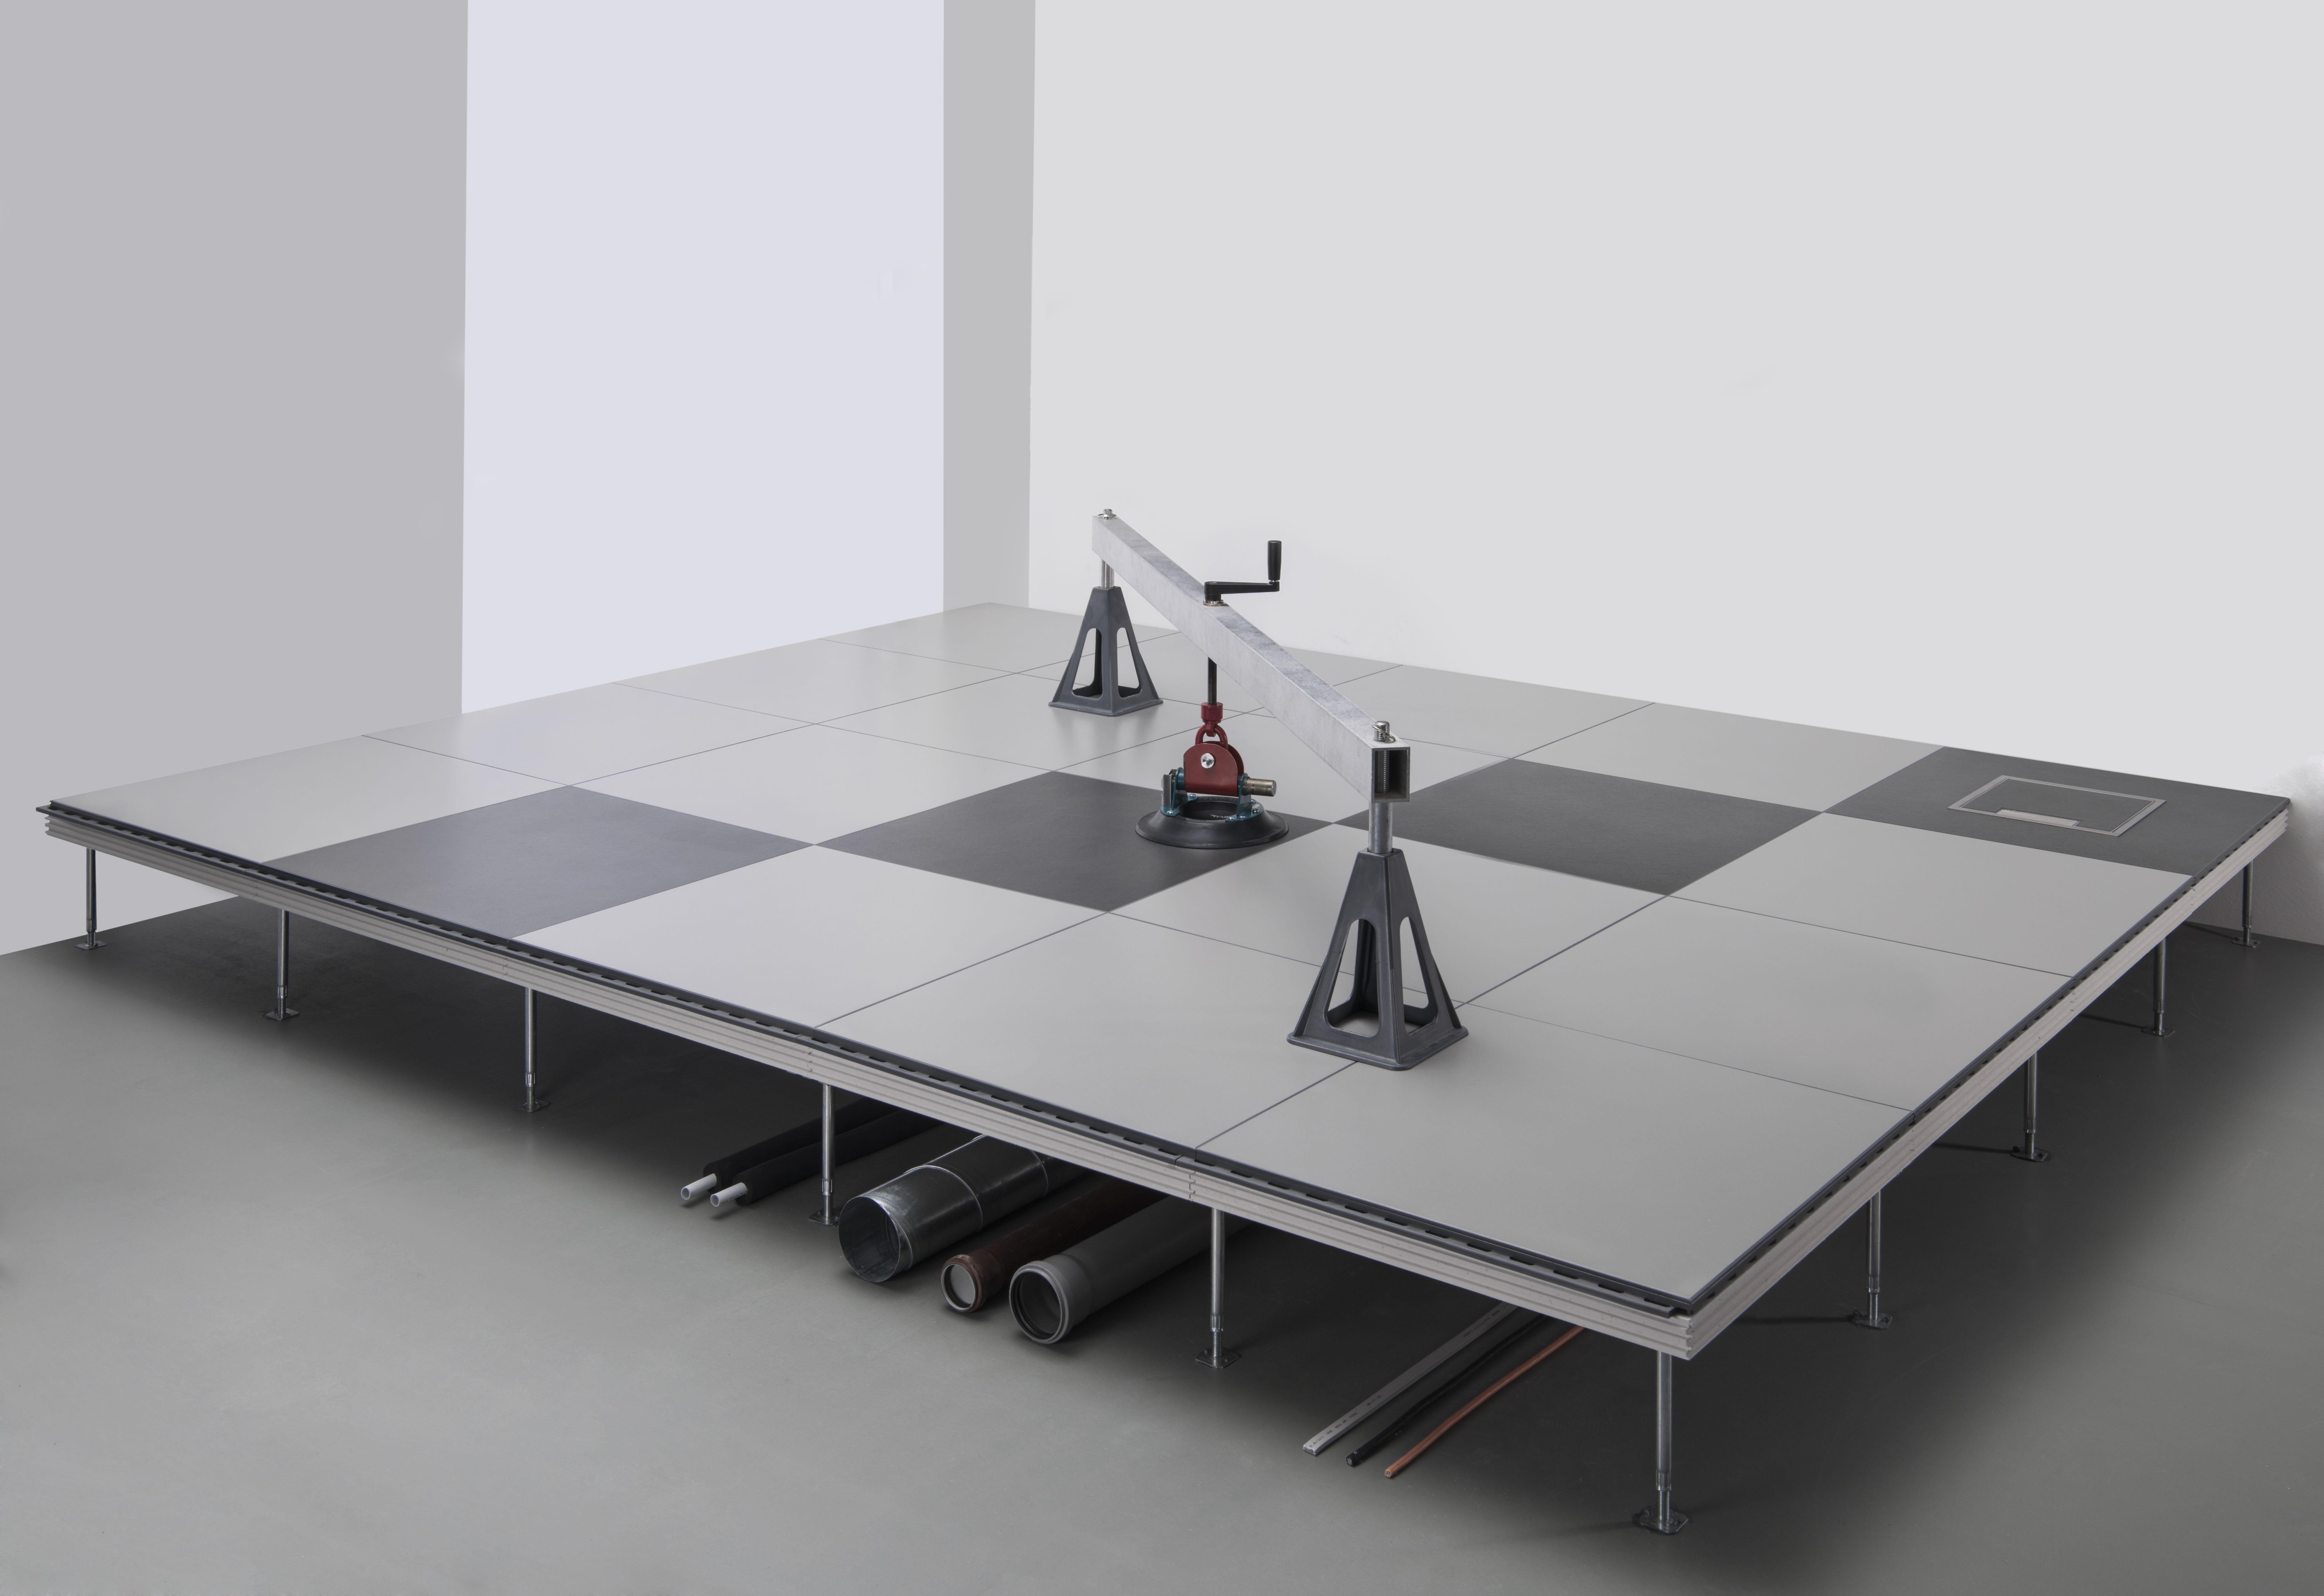 Fußboden Nachträglich Jena ~ Museumsreport » neue arsratio bodensysteme für ausstellungsflächen